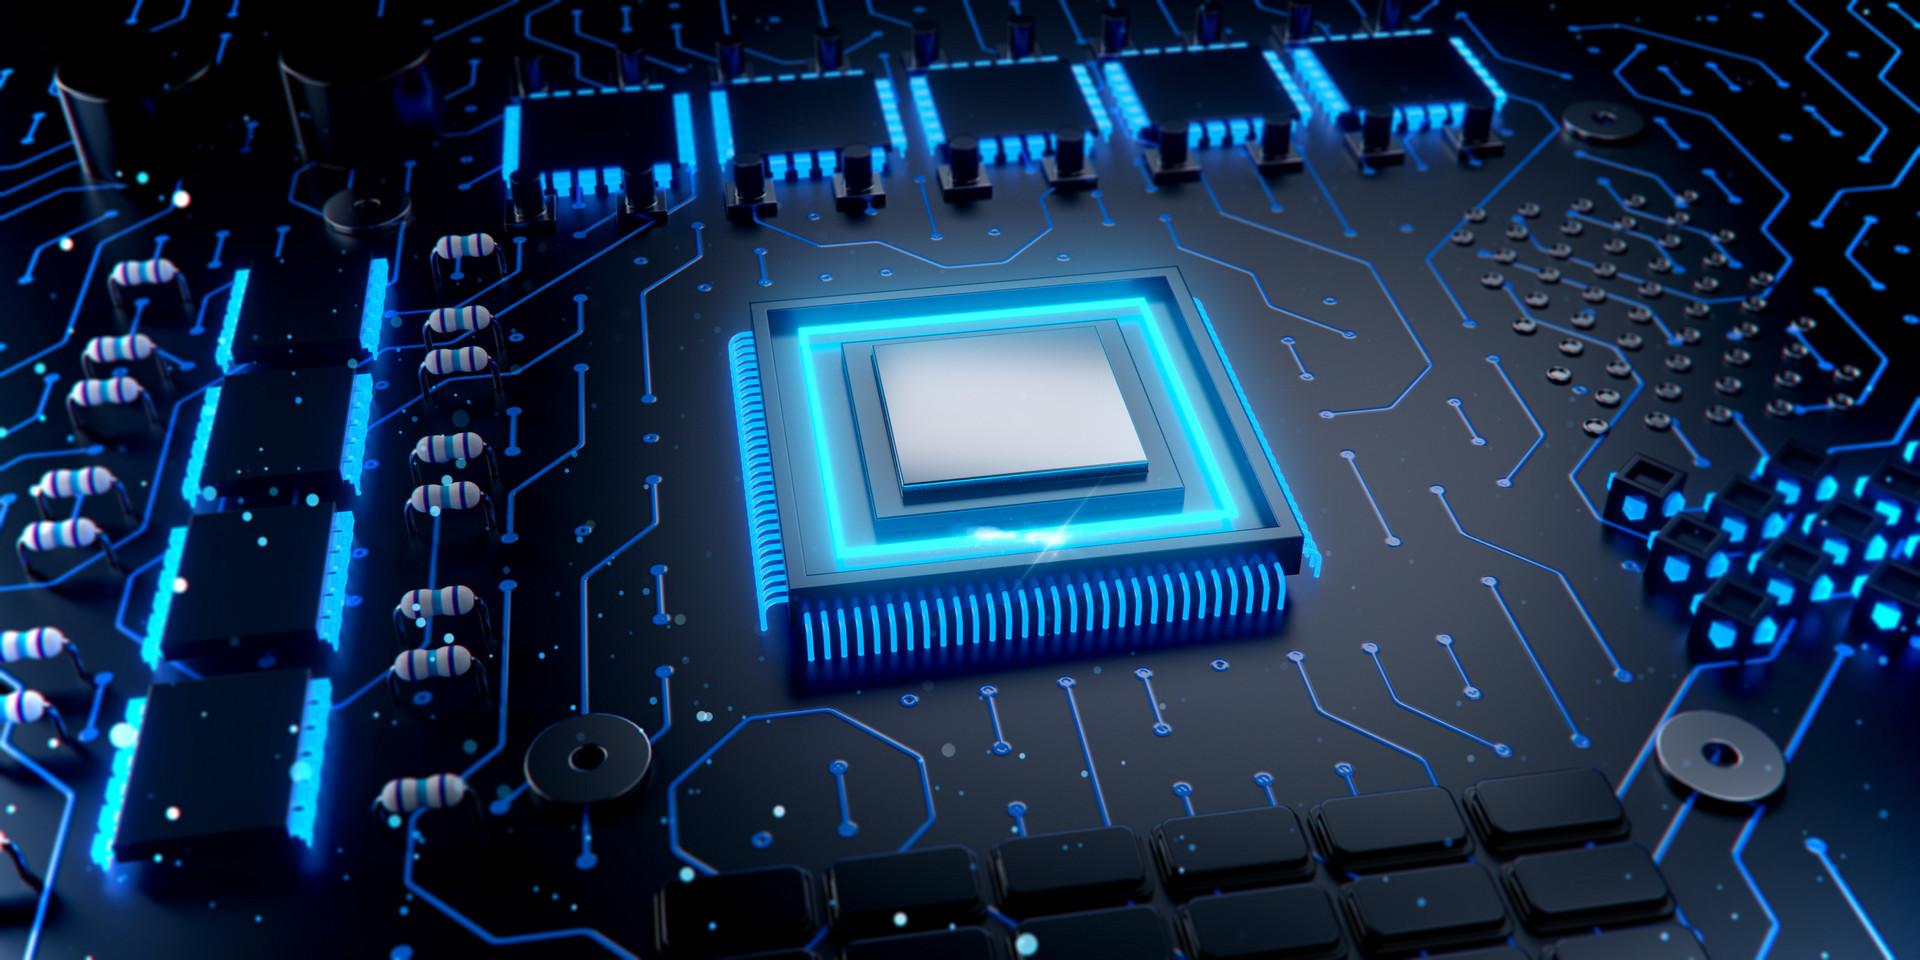 汇顶科技成功入围全球半导体联盟(GSA)2019年度两大奖项提名